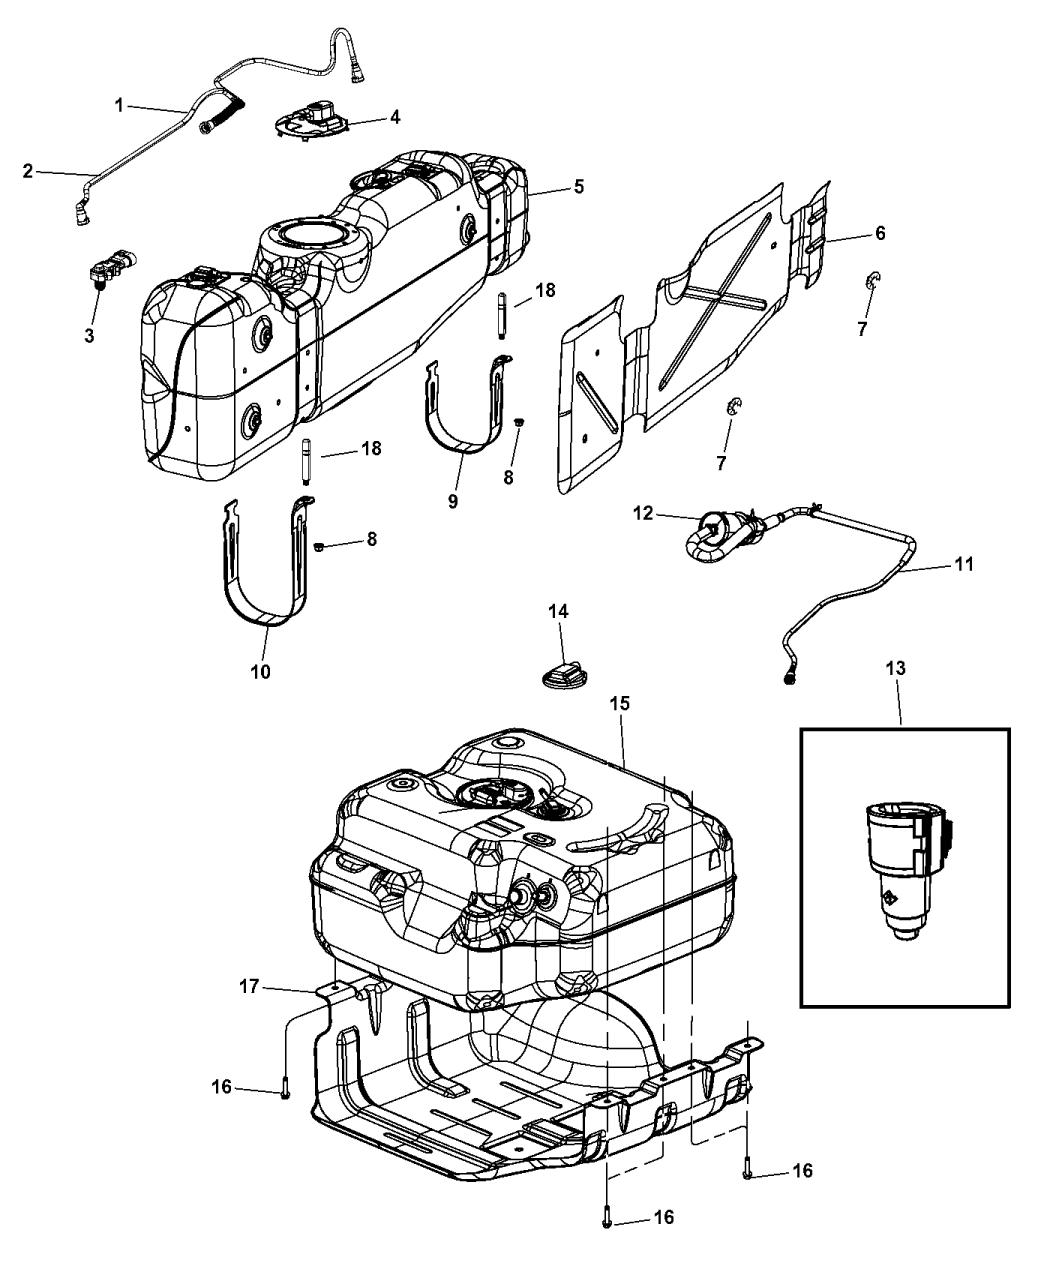 Diesel Engine Diagram Fuel Tank Condensation: Genuine Mopar TANK-FUEL